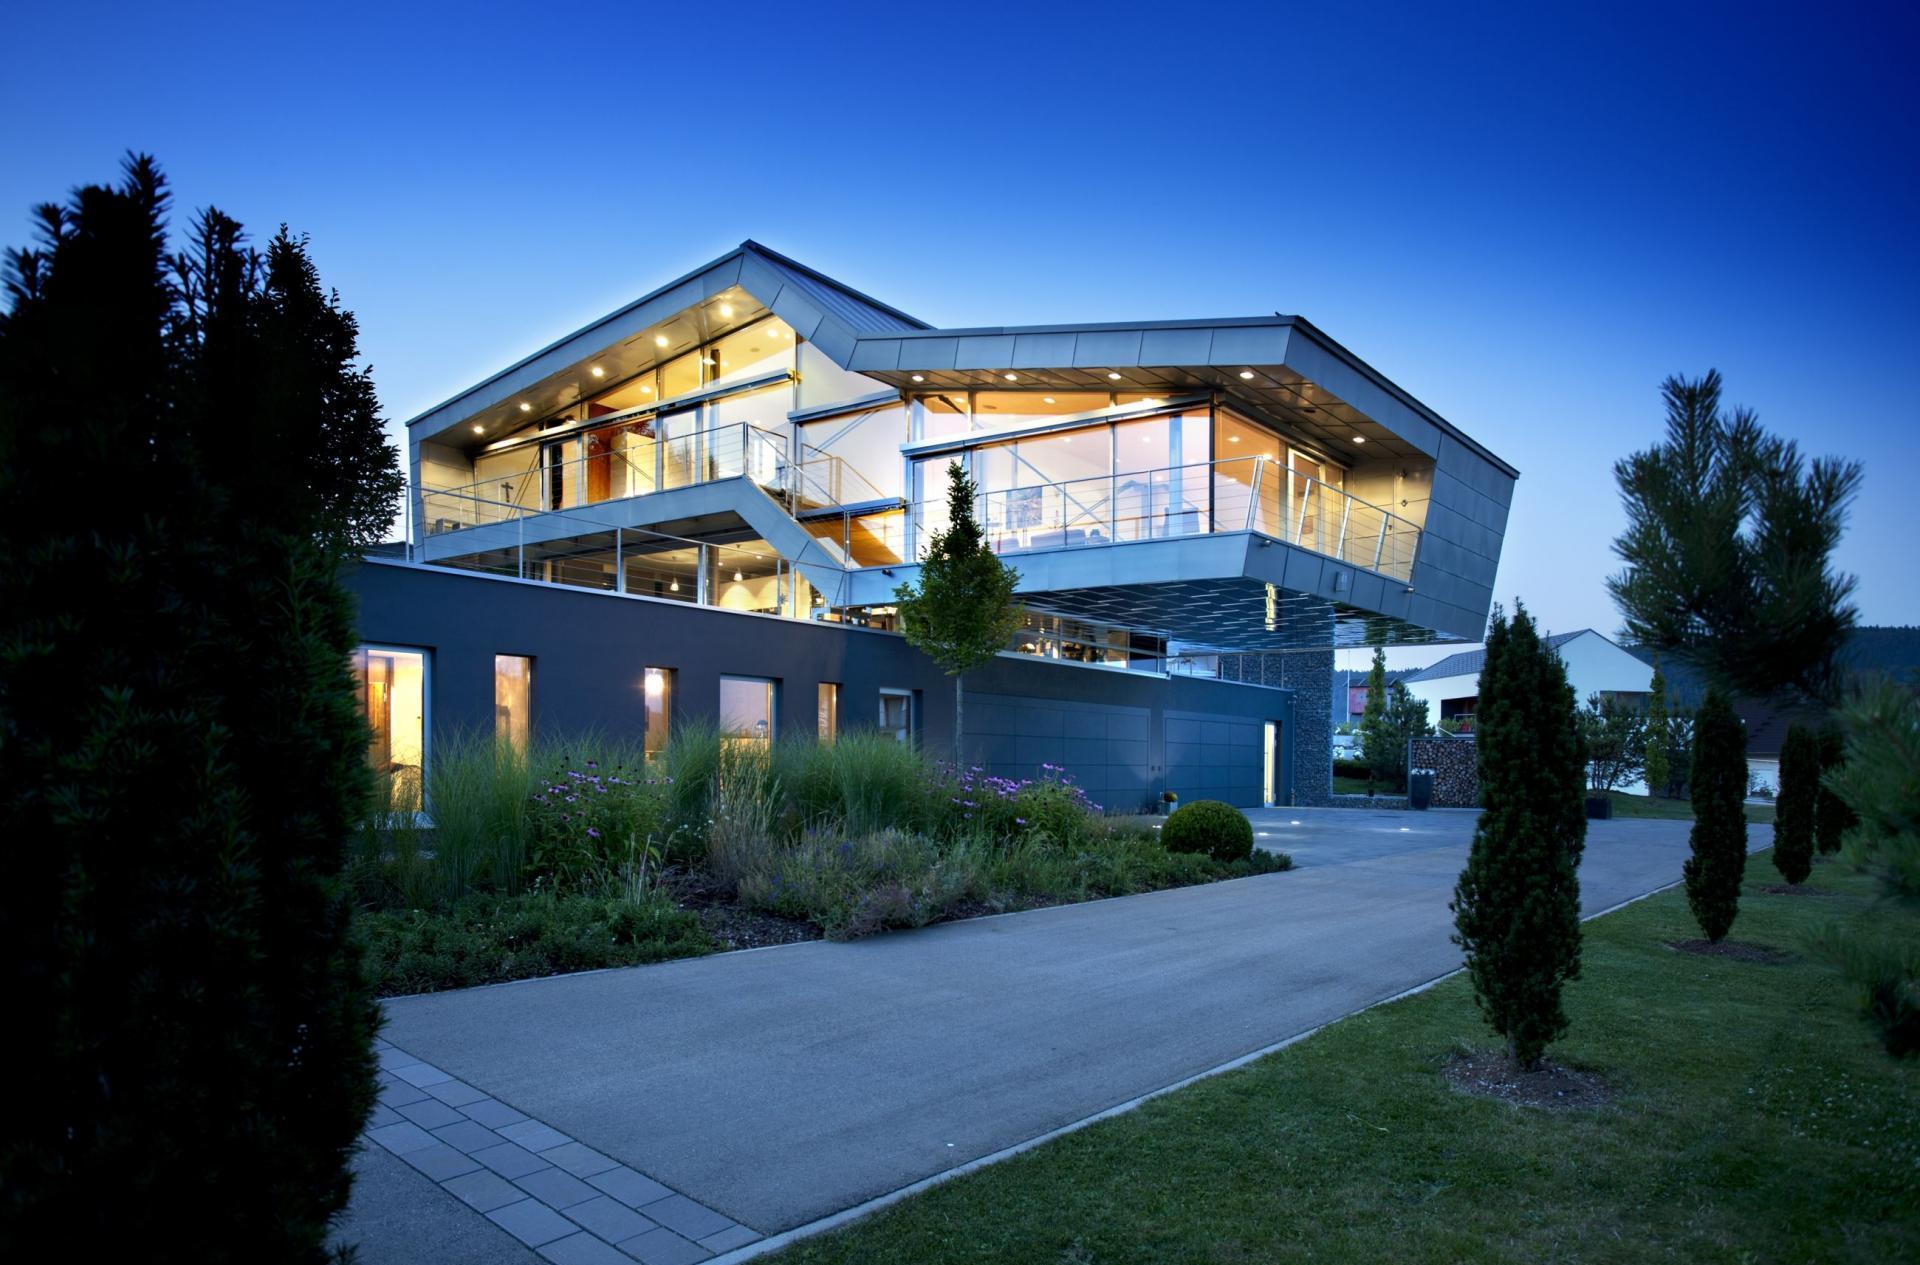 Архитектура дома в стиле хай тек